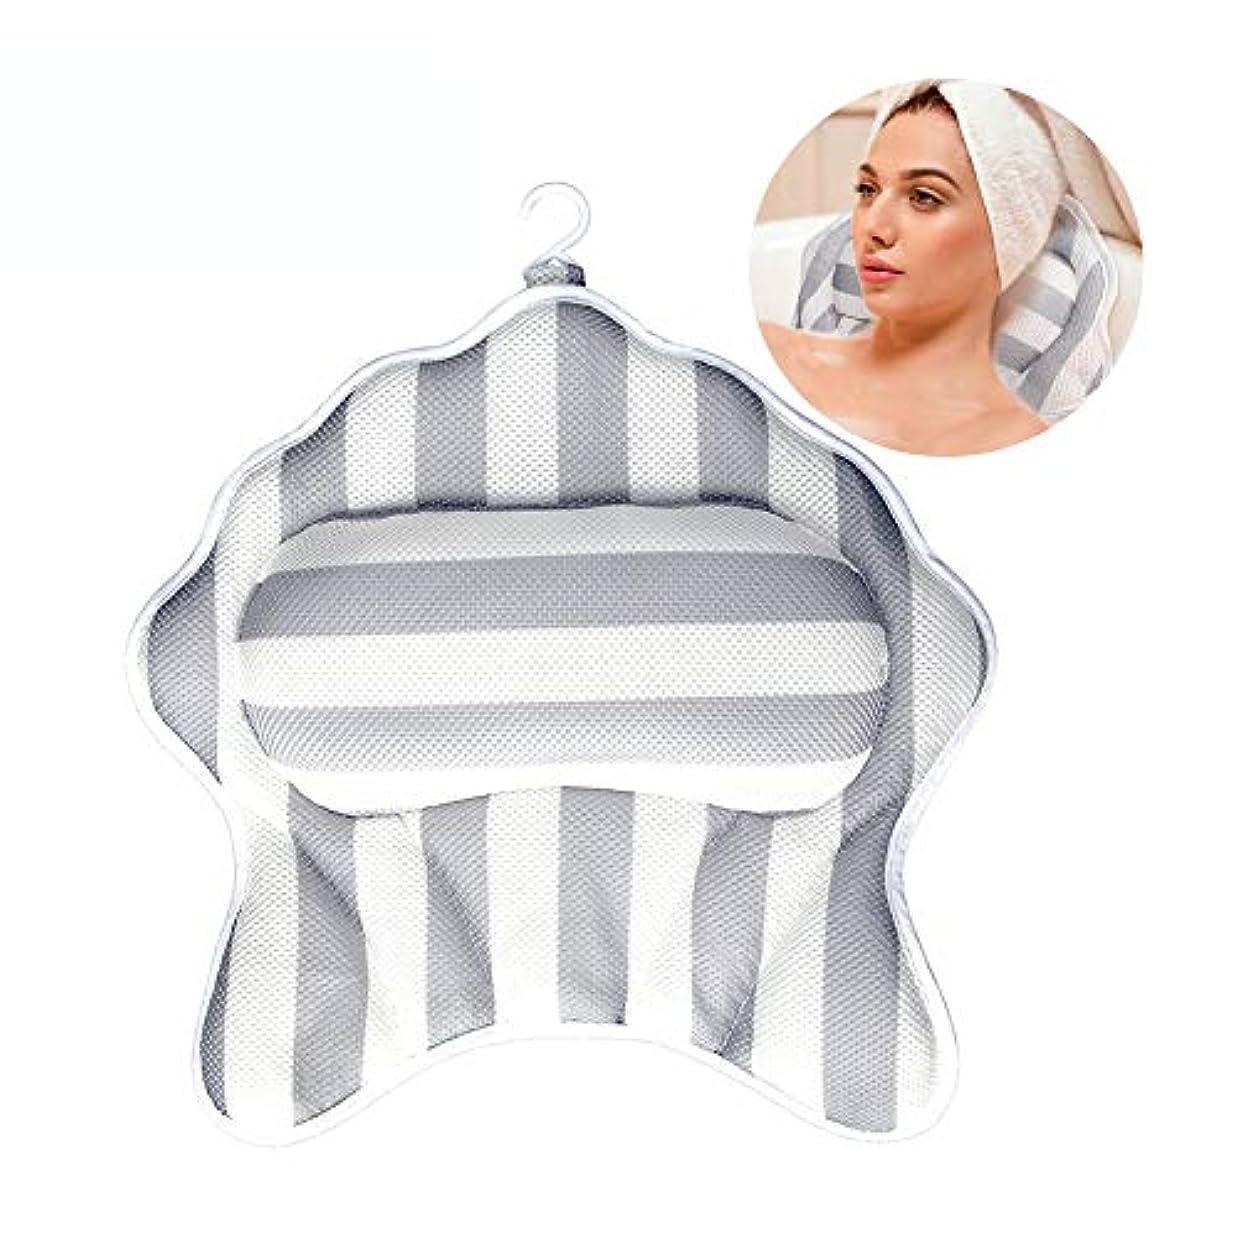 庭園ダンプ工場3dメッシュヒトデスパマッサージバスタブ枕浴室枕クッションwith6強い吸引カップは洗濯機で洗えます